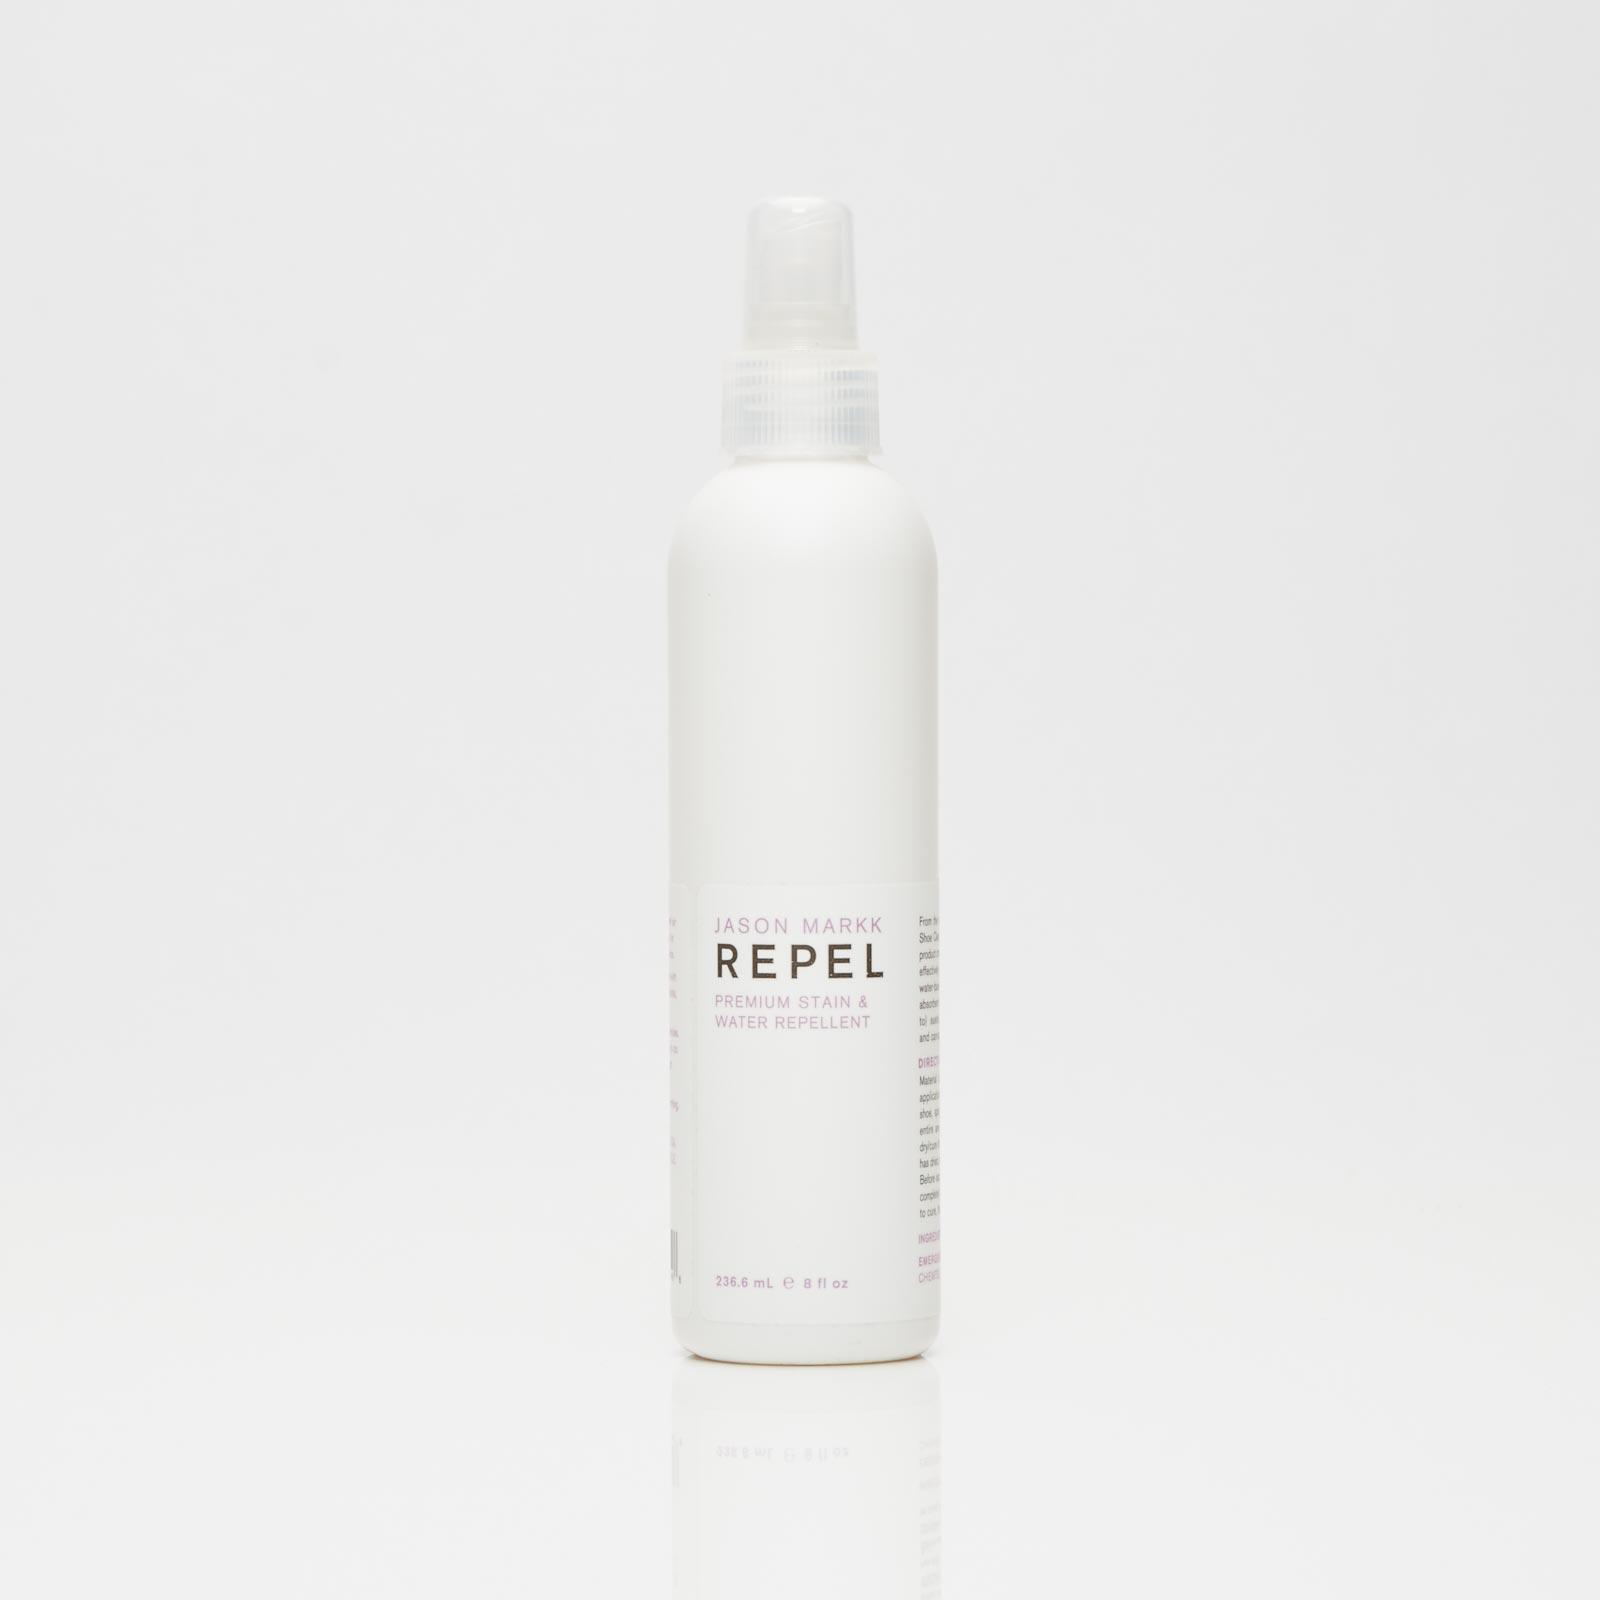 Jason Markk Pump Repel Spray 80Z